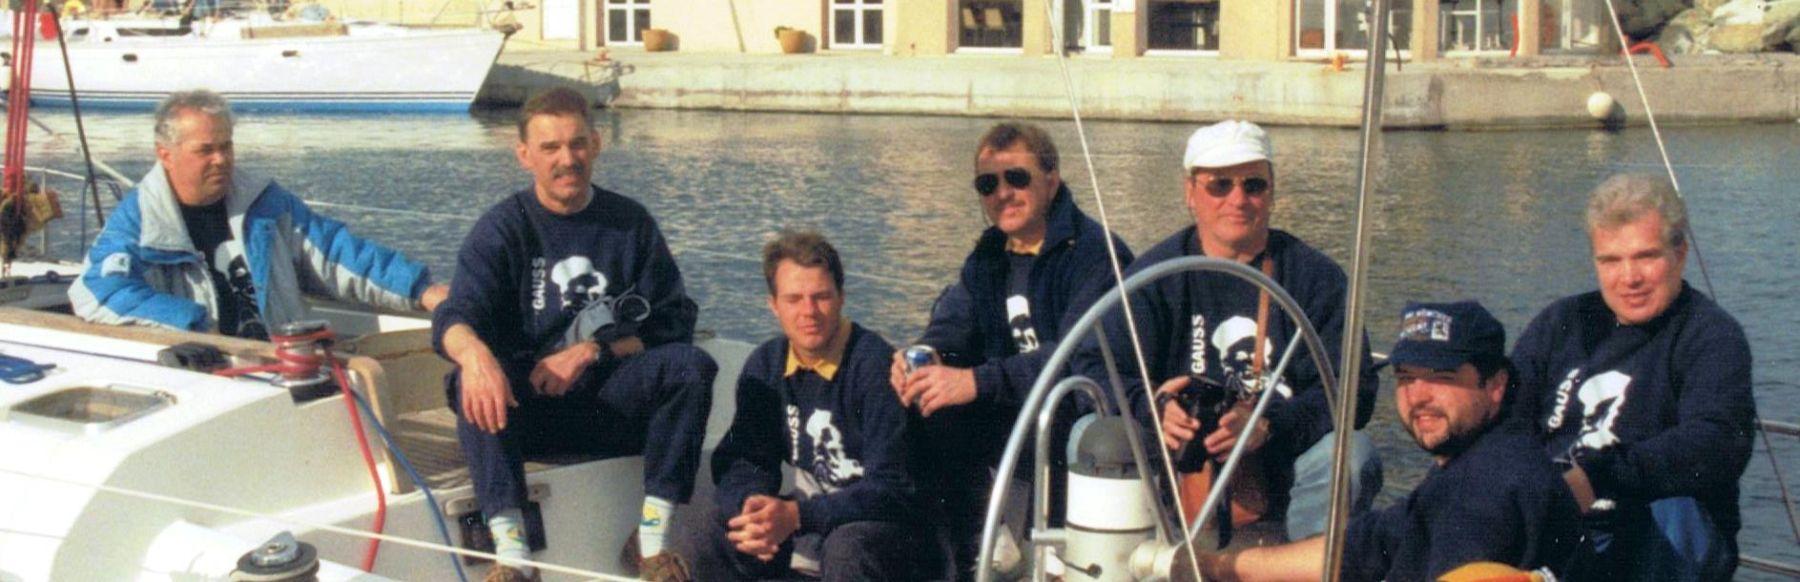 zus16-15-cup-crew-1996